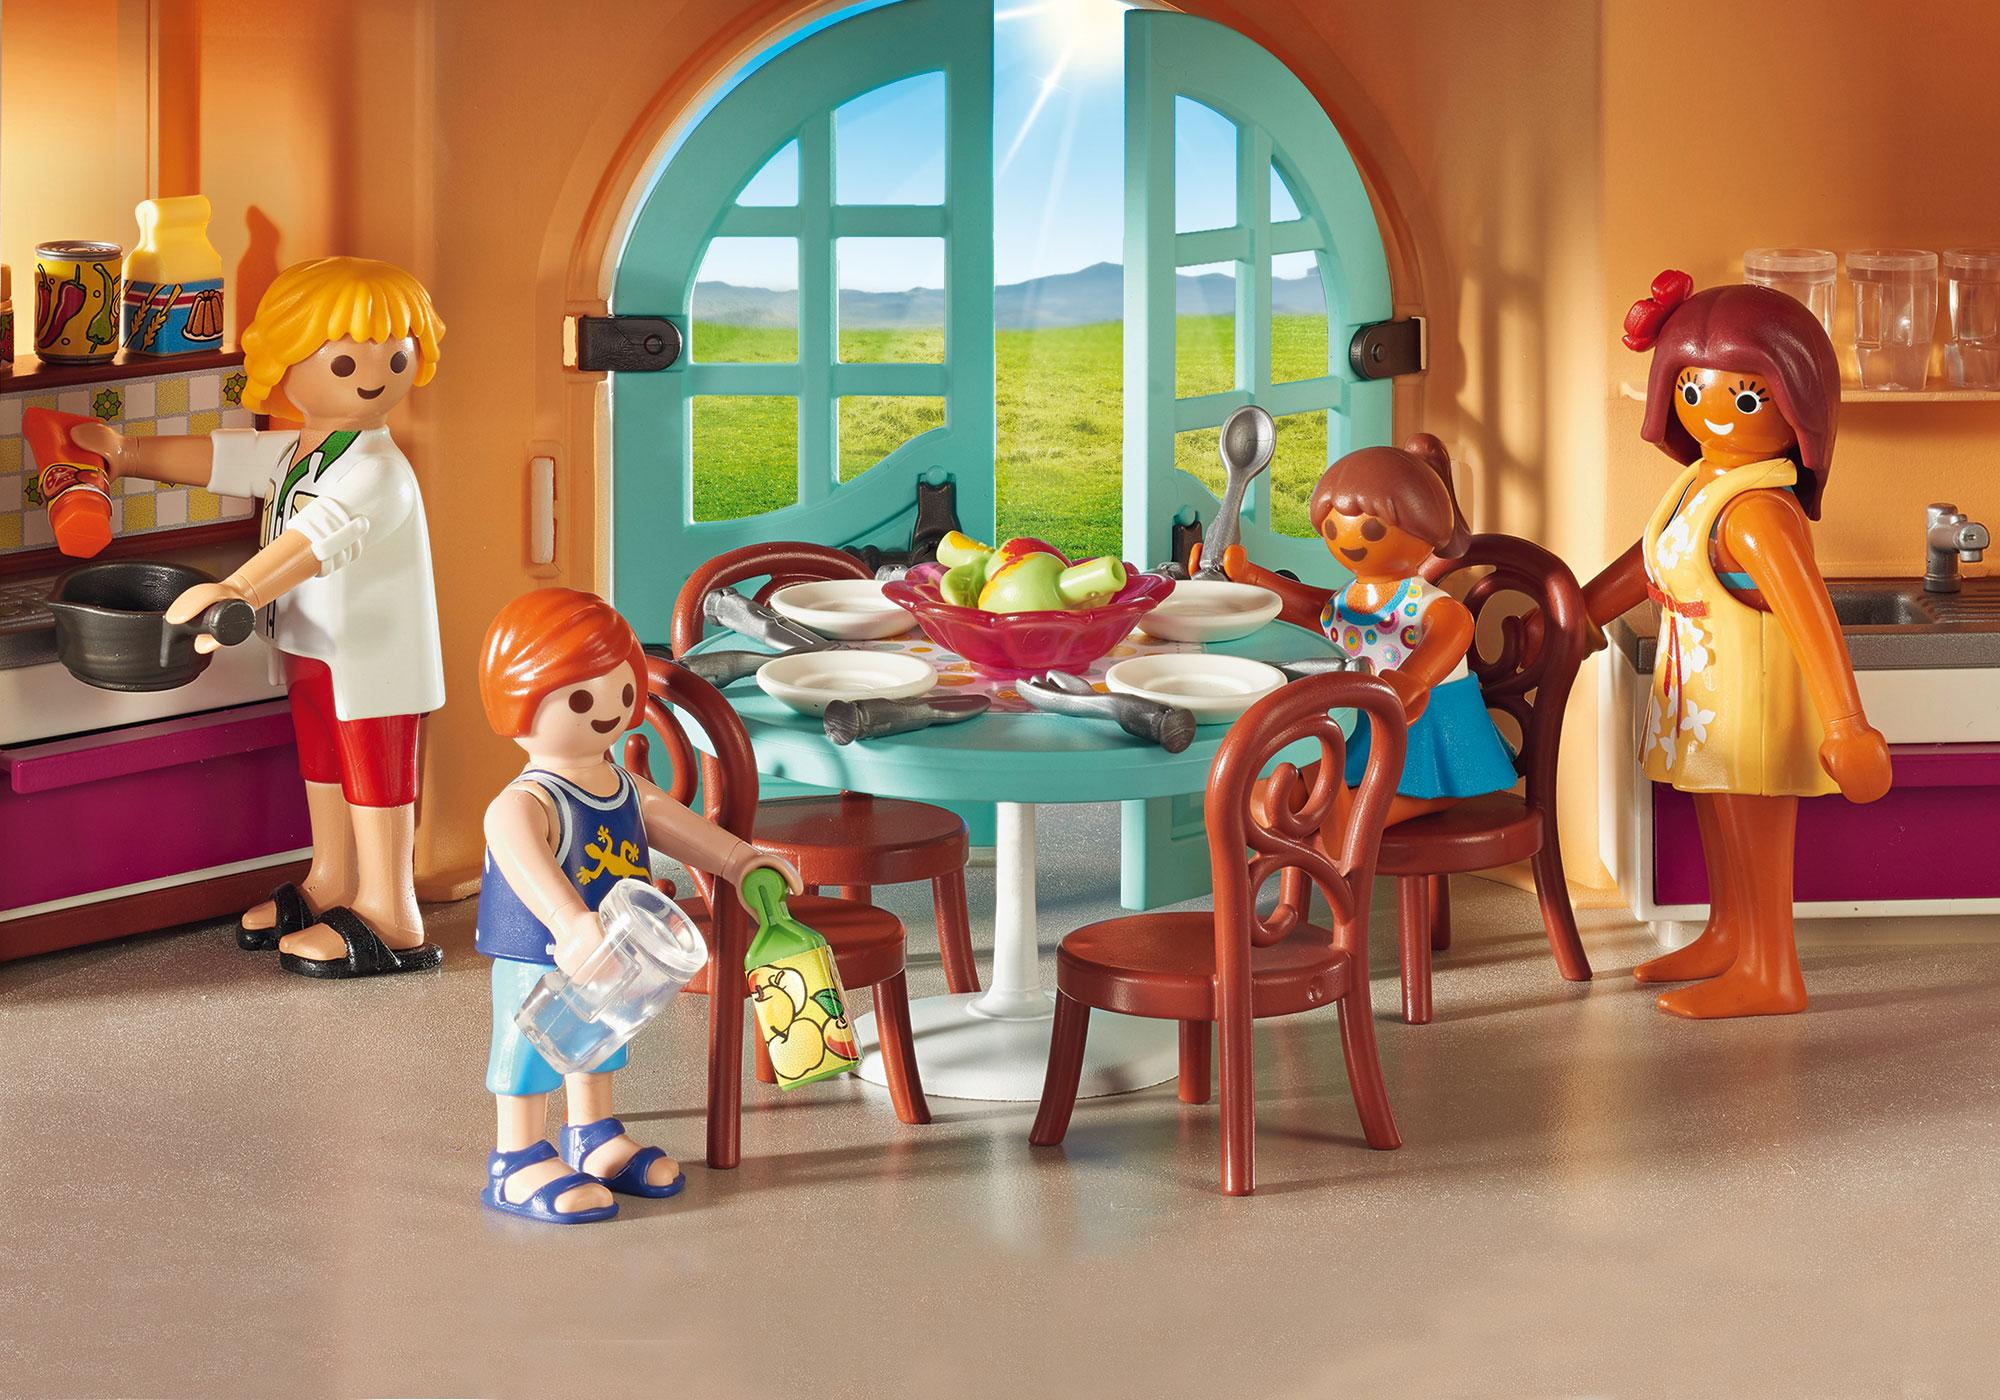 http://media.playmobil.com/i/playmobil/9420_product_extra1/Solrig ferievilla